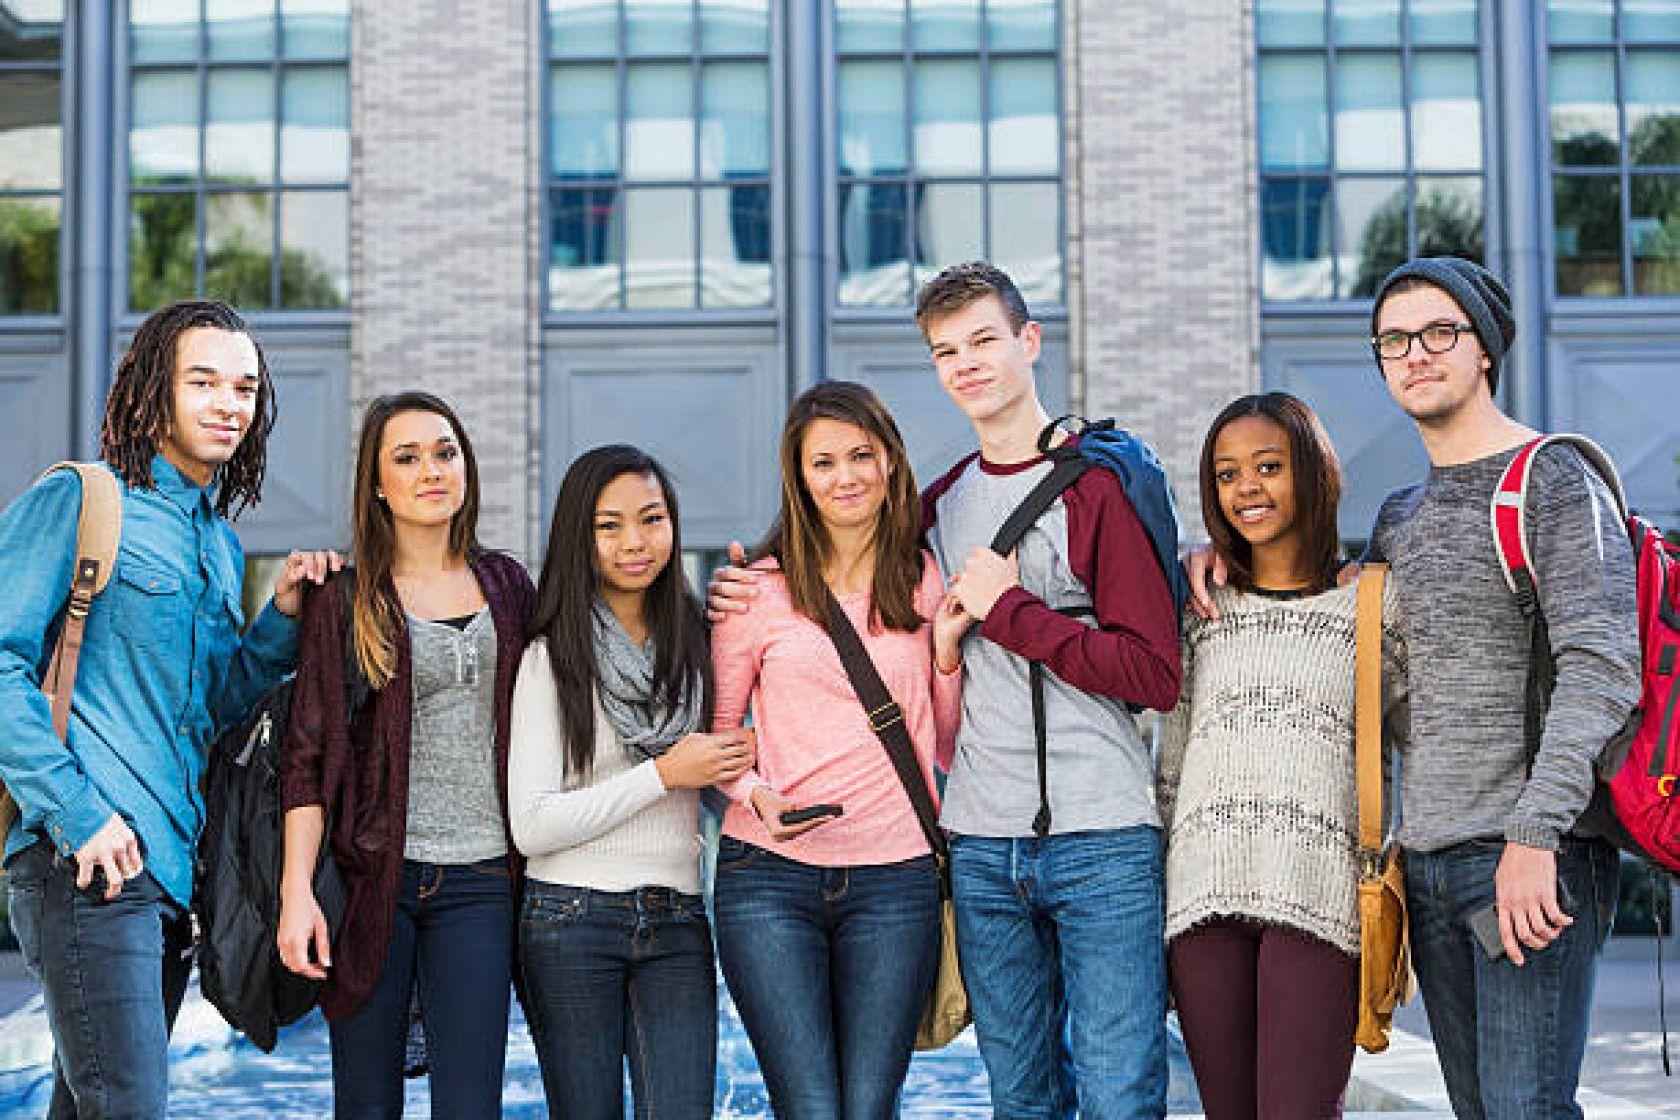 Lise Son Sınıfı İsviçre'de Okumak Ve Bir İsviçre Lisesinden Mezun Olmak Nasıl Olur?